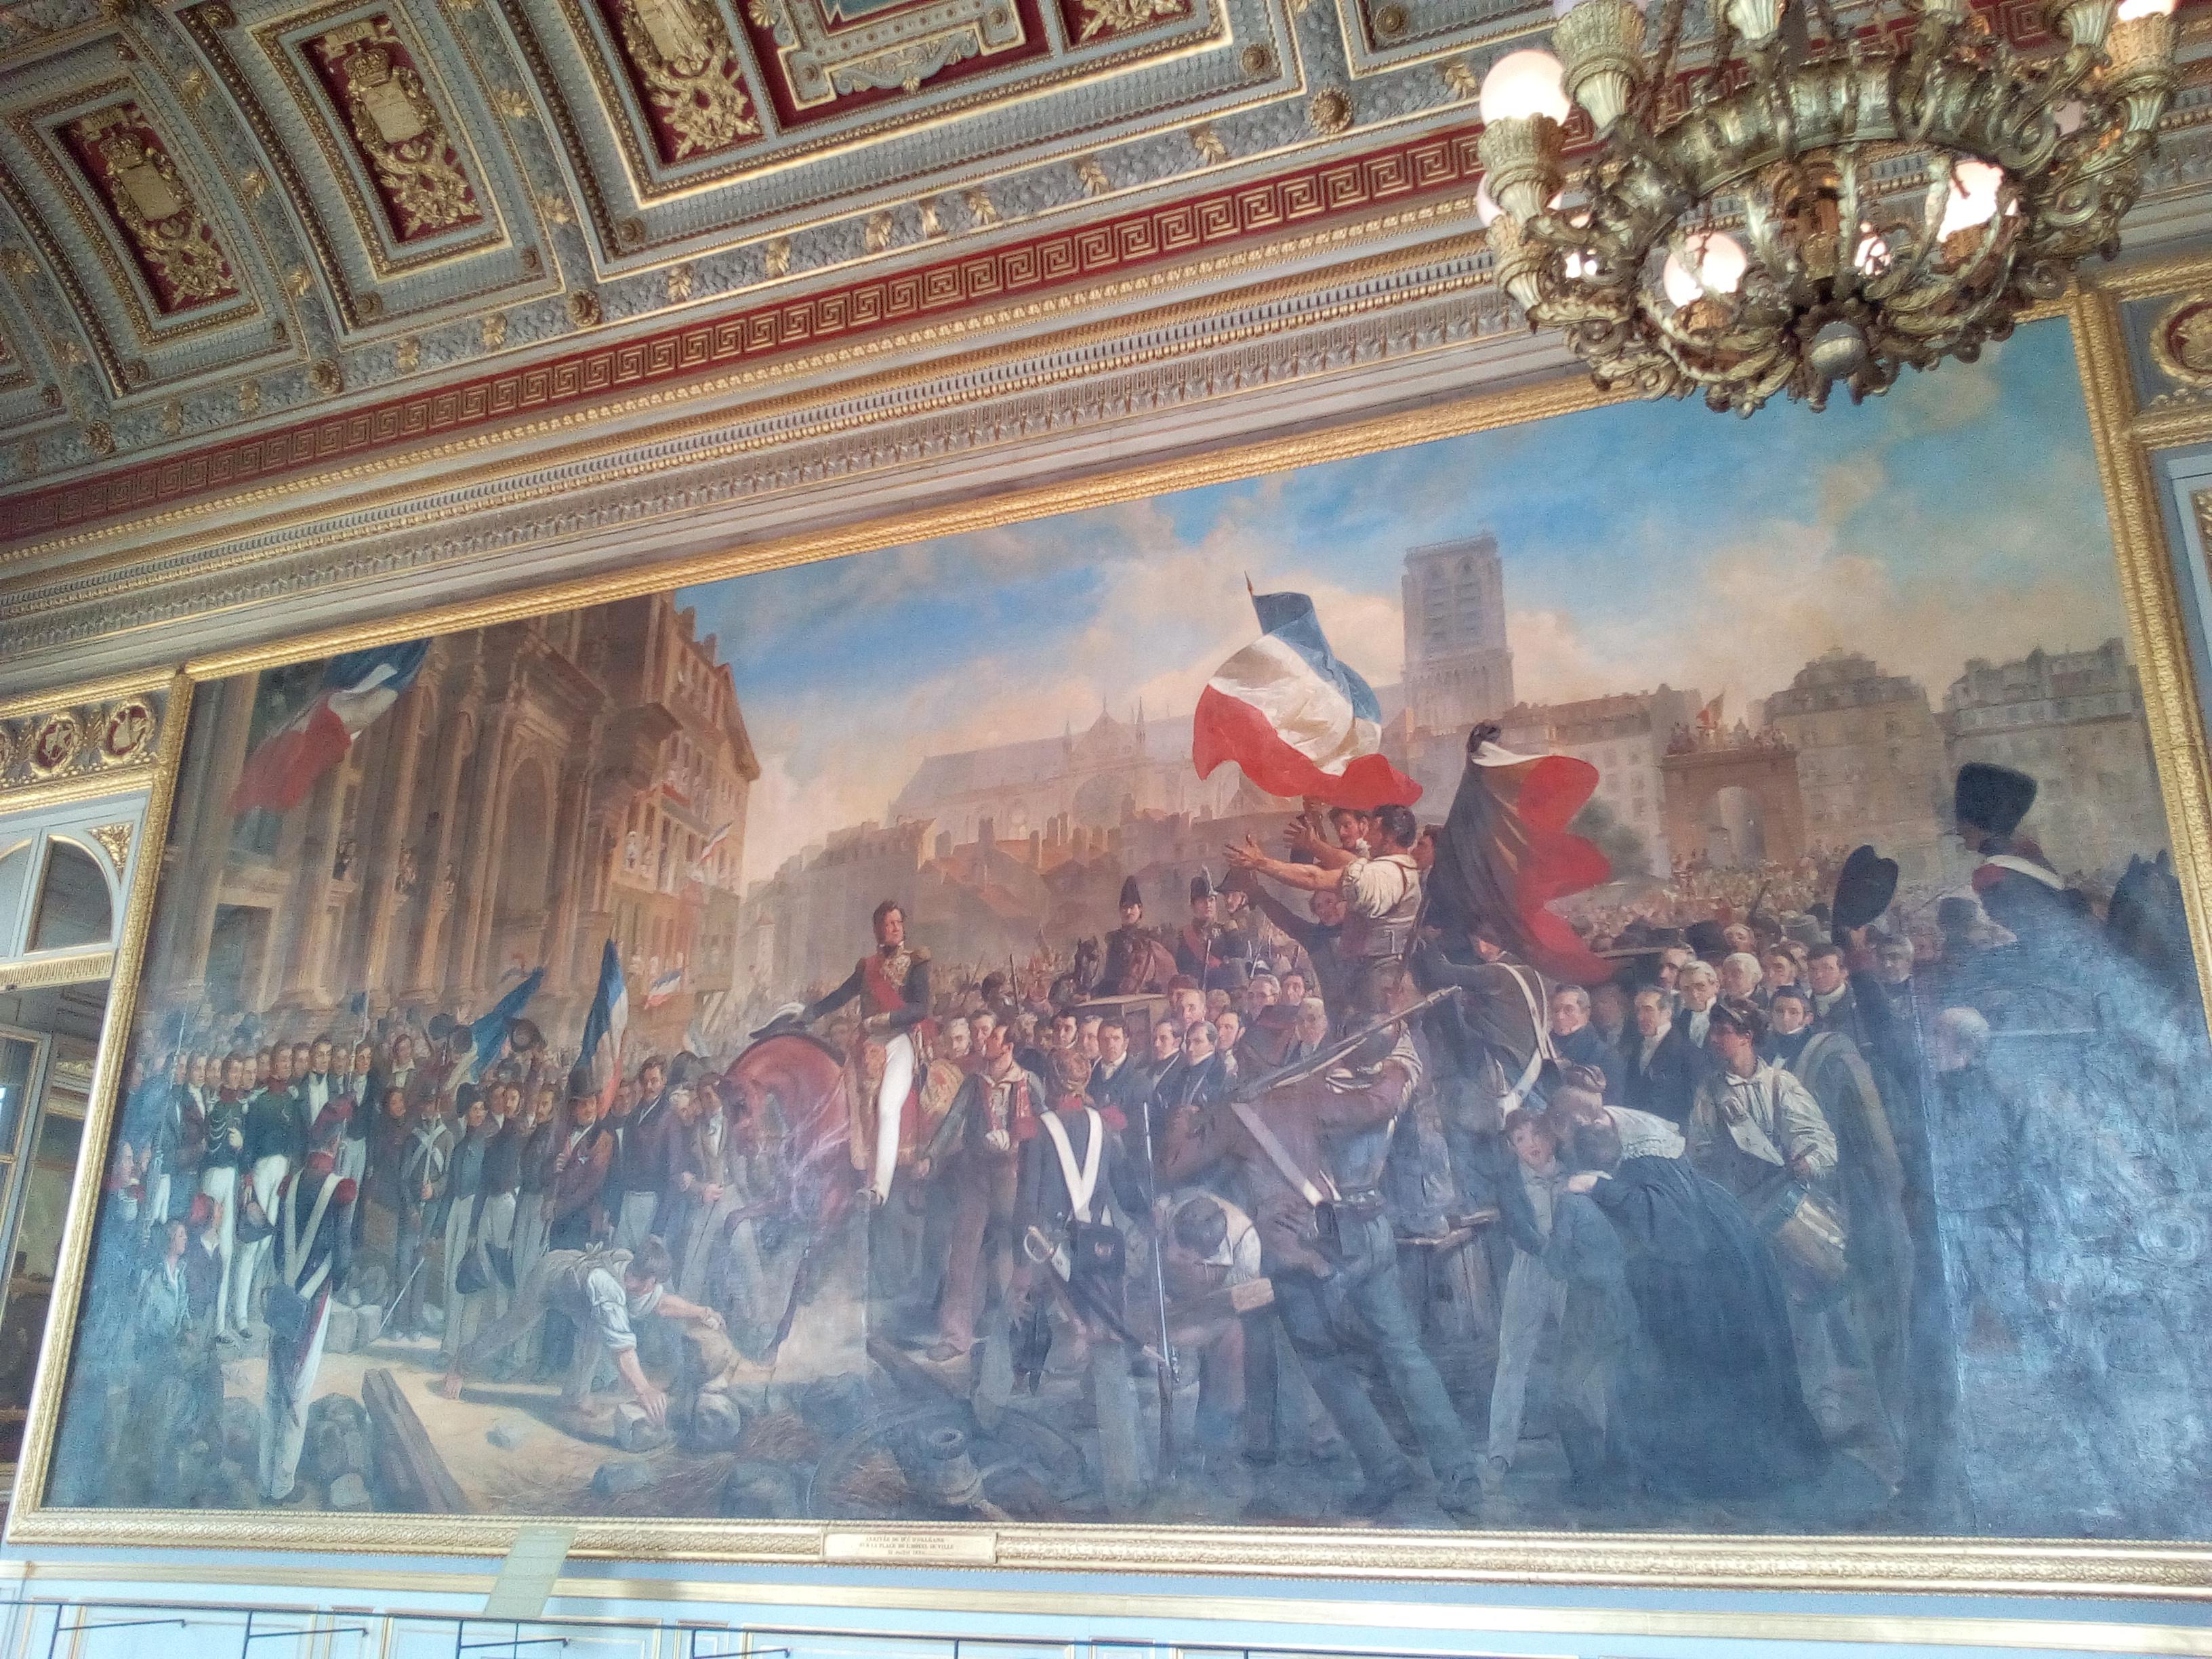 Château de Versailles, Révolution de Juillet 1830, le duc d'Orléans entre à l'Hôtel de ville